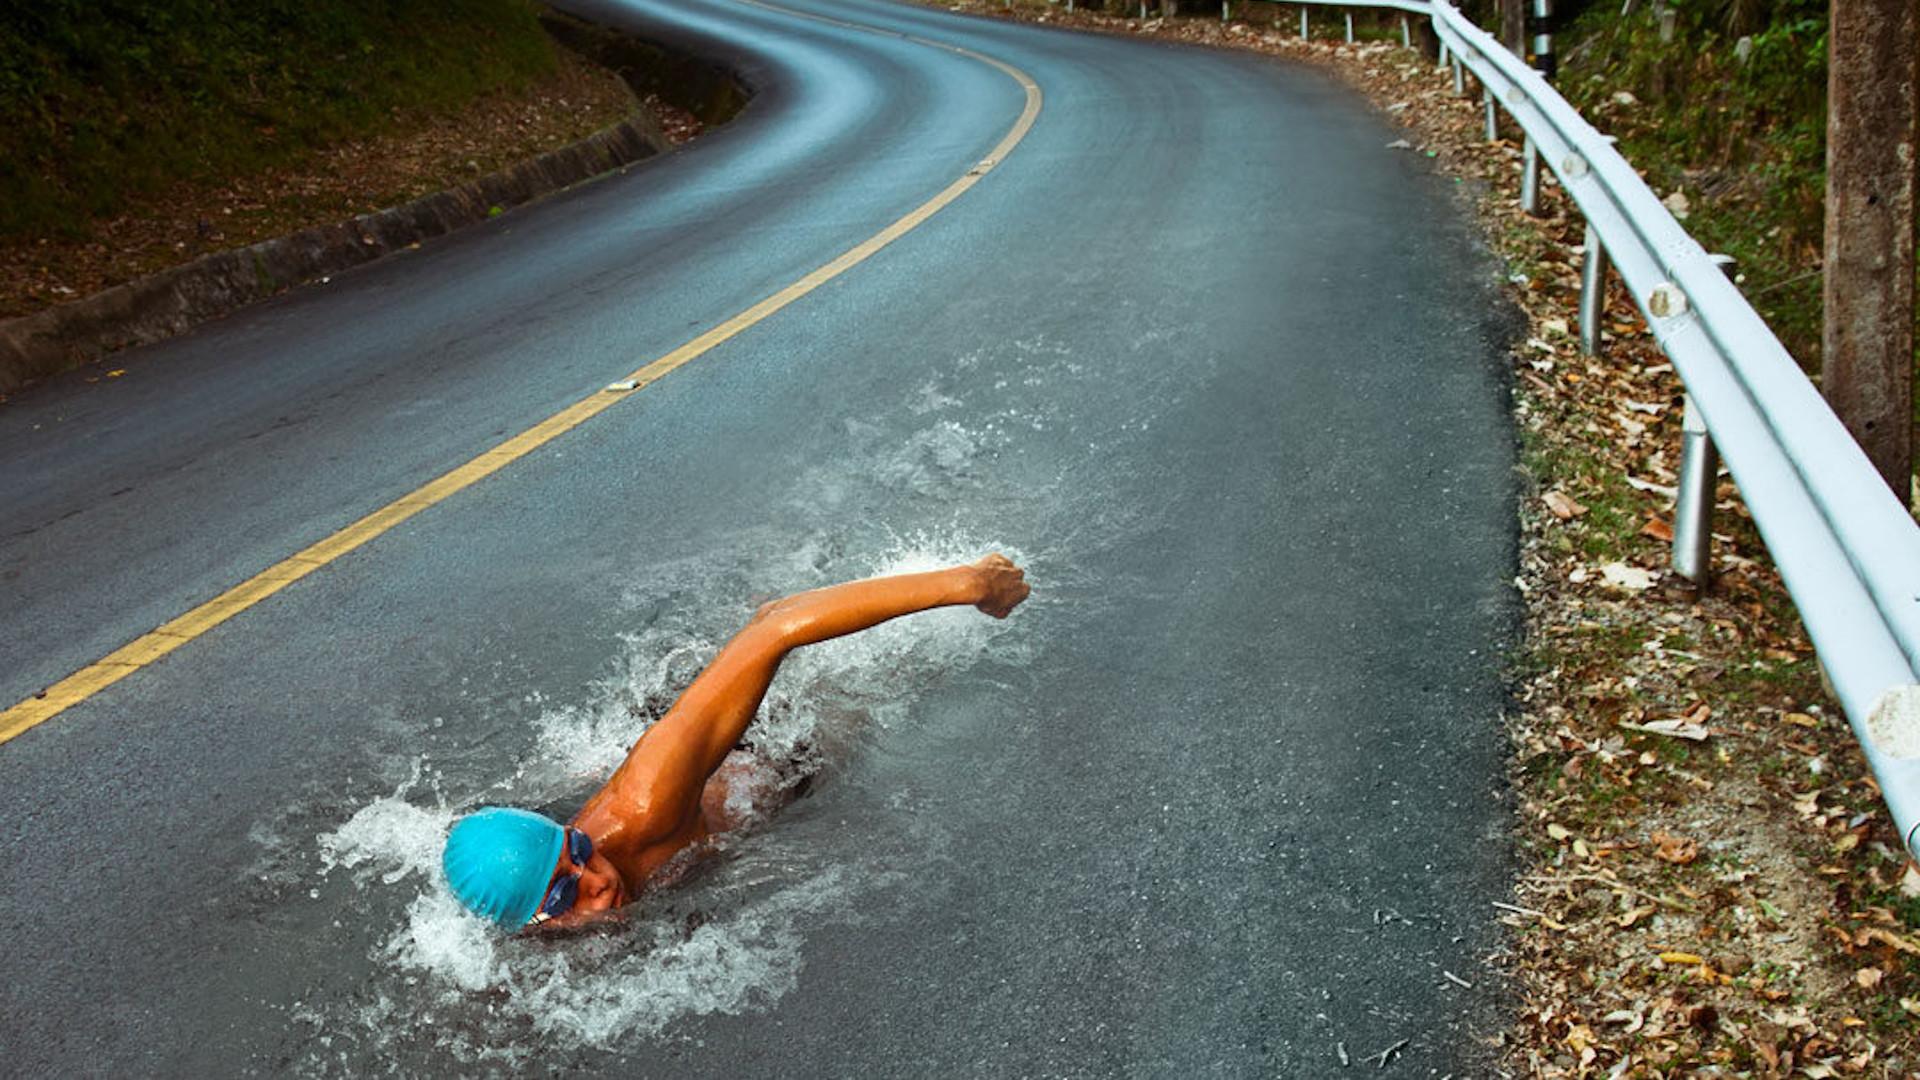 Nuotatore in mezzo alla strada nuota controcorrente